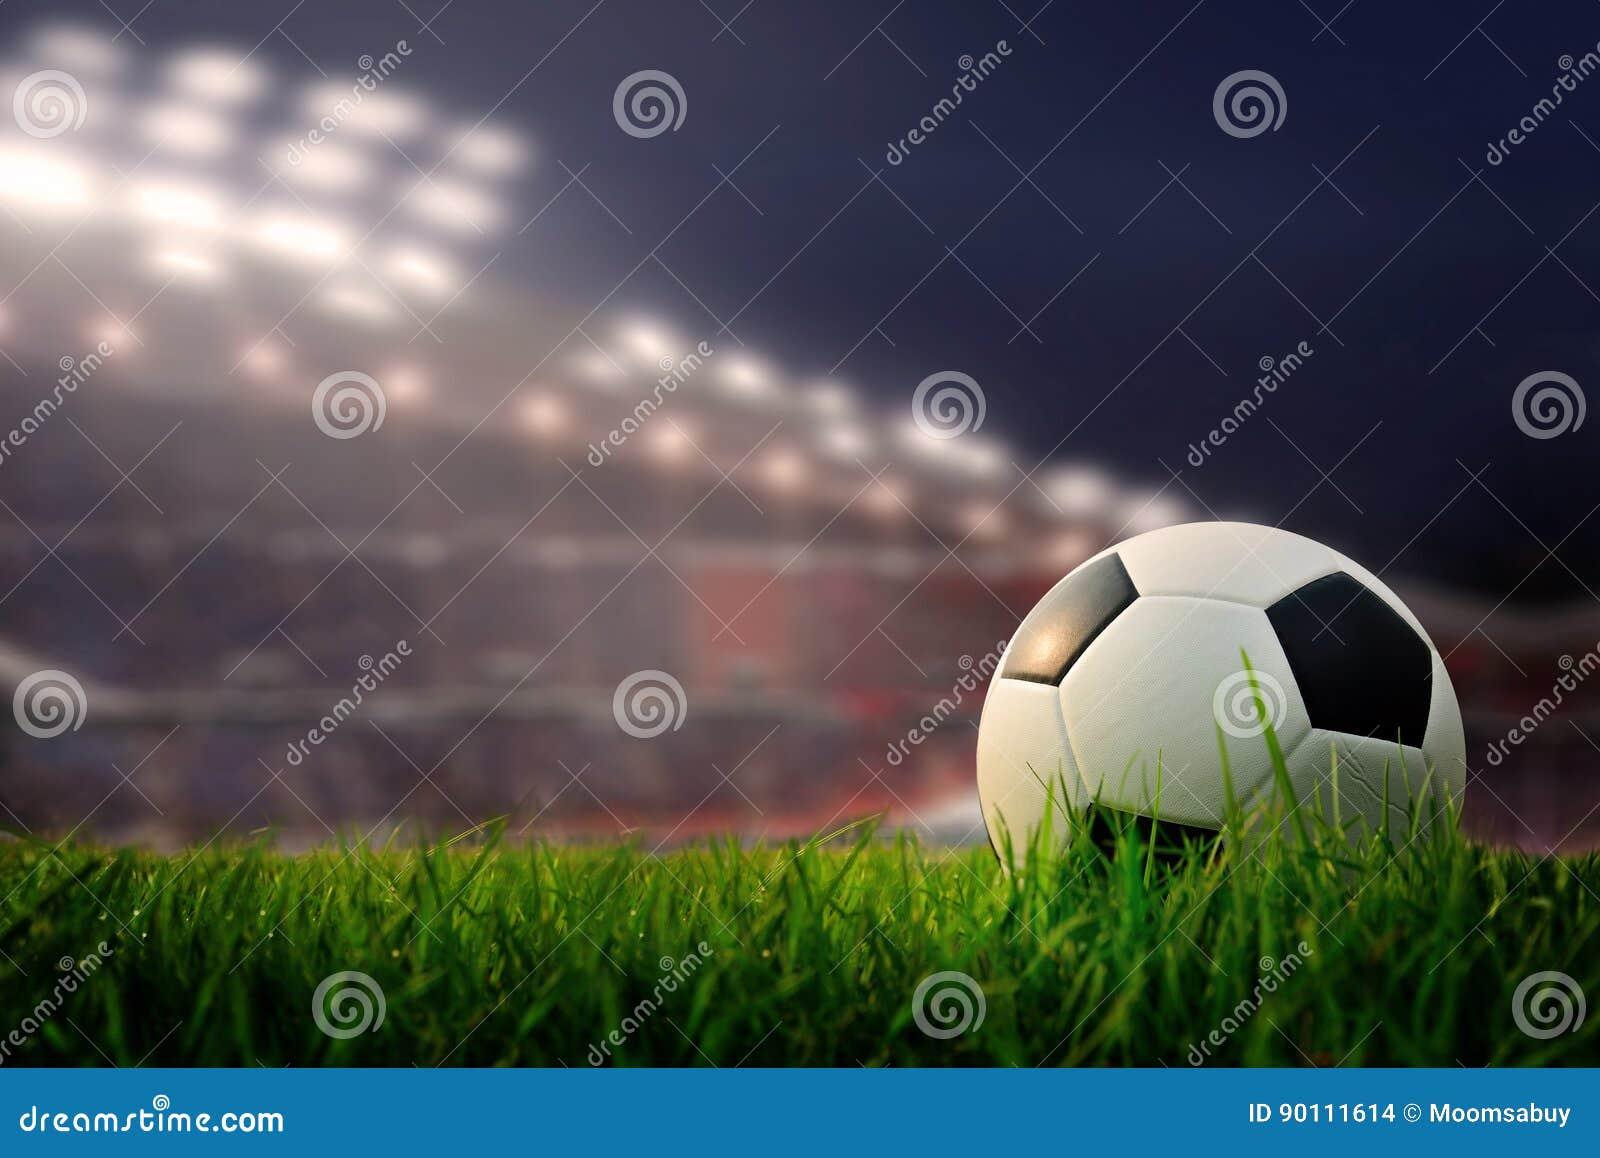 Voetbalgebied en stadion met ventilators de nacht vóór de gelijke, s